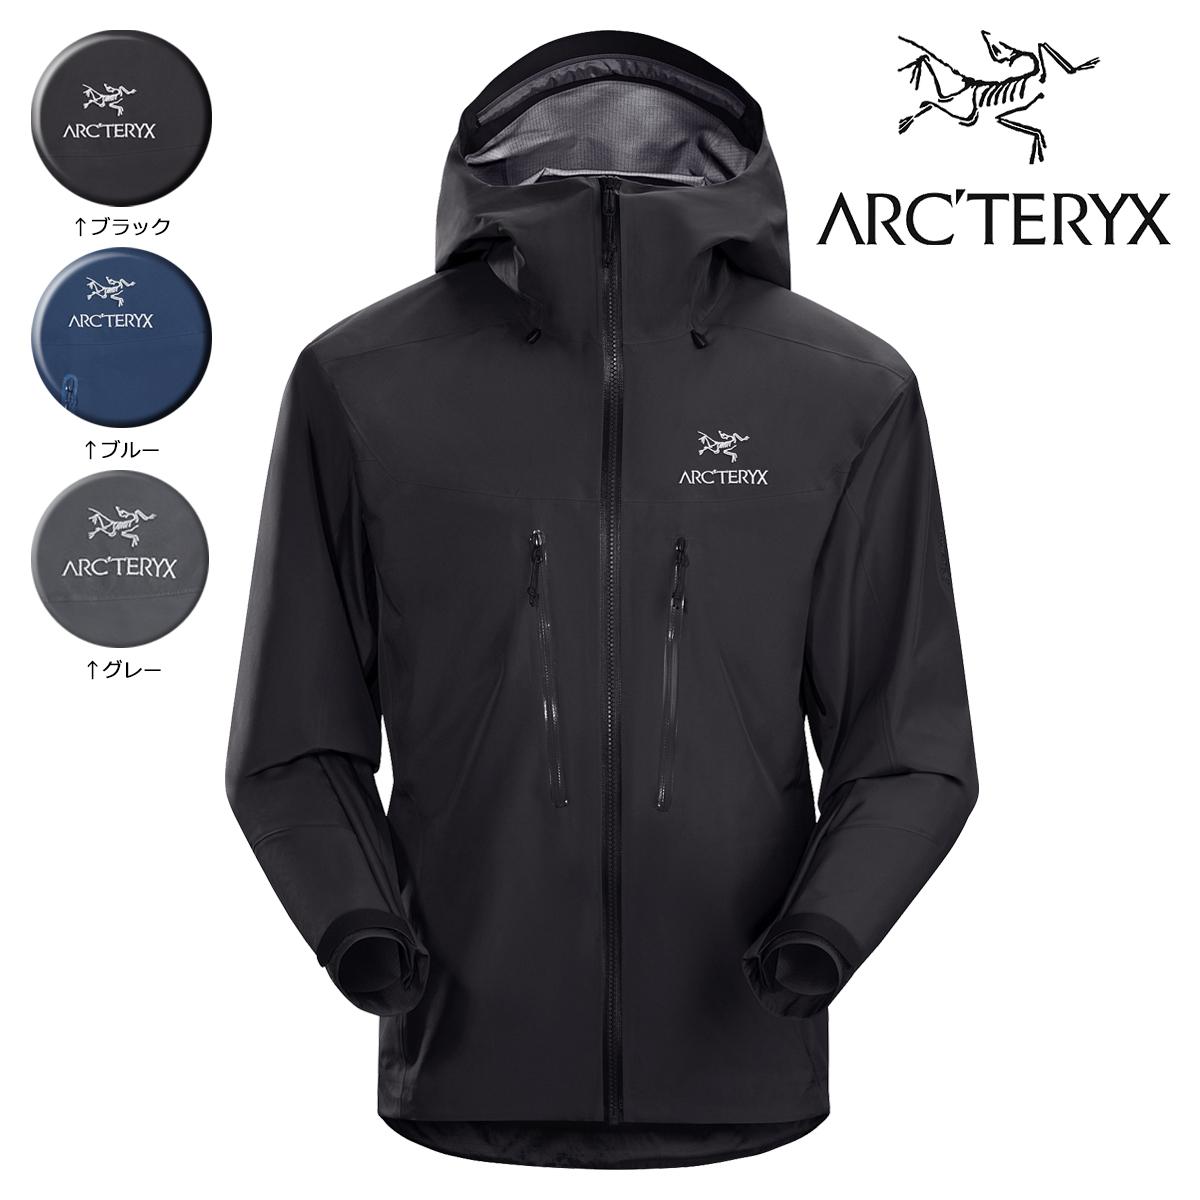 【最大2000円OFFクーポン】 アークテリクス ARC'TERYX ジャケット アルファ ALPHA AR JACKET 18086 メンズ ブラック ブルー グレー